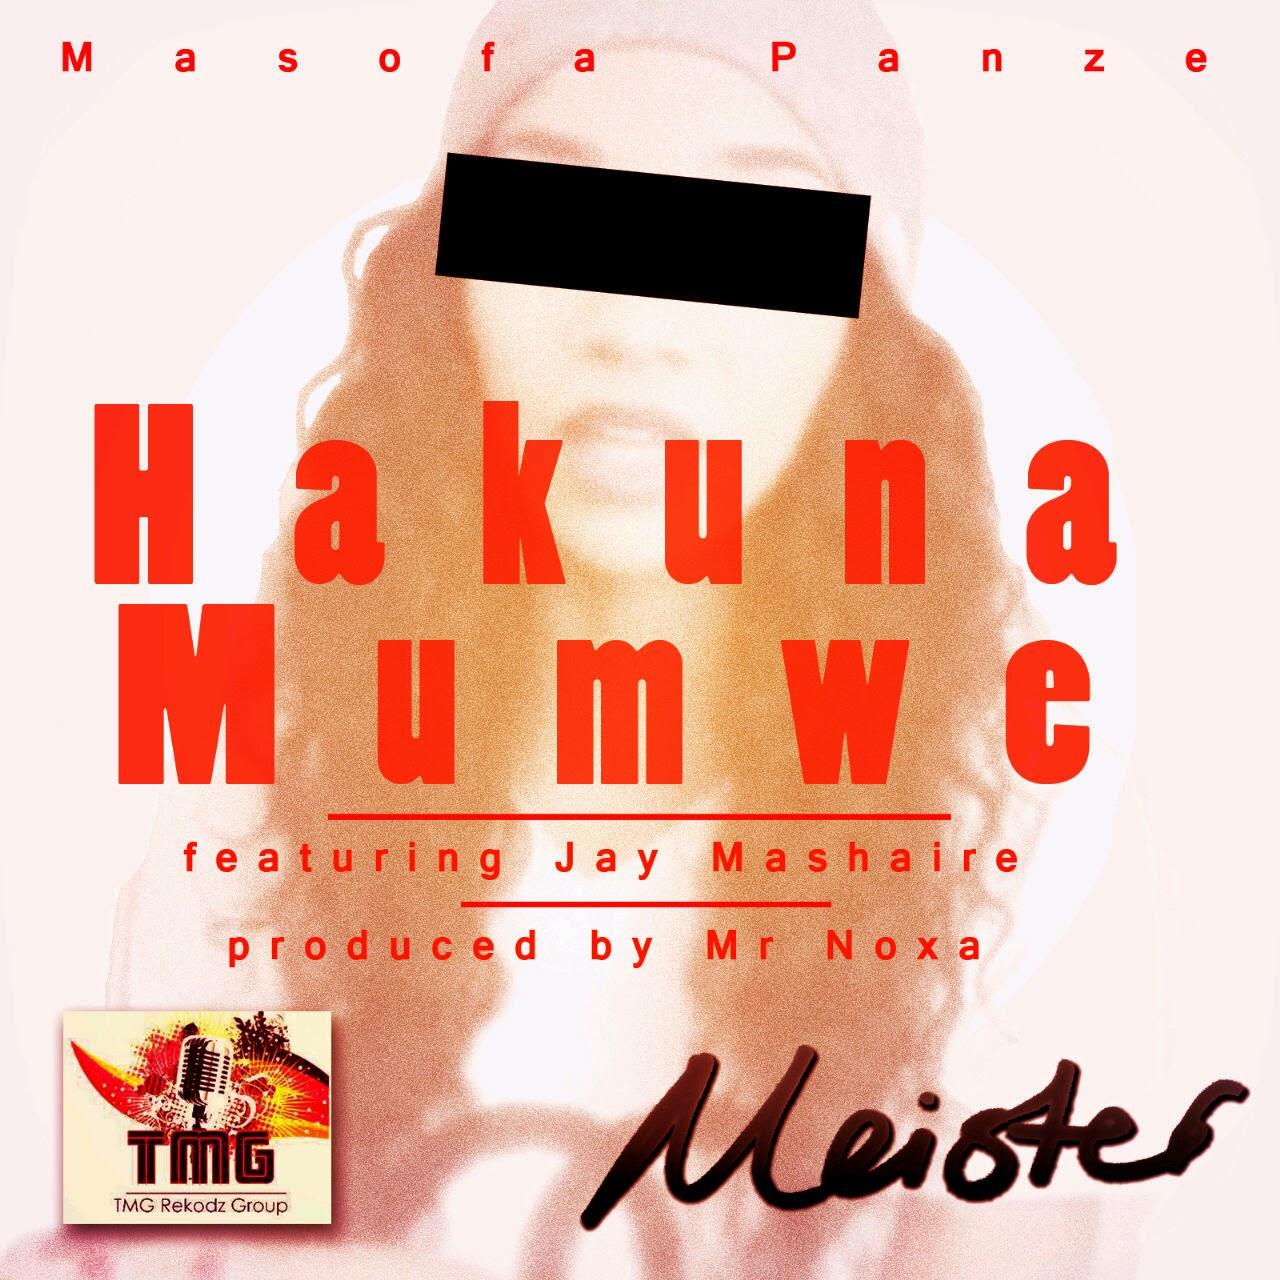 http://www.hulkshare.com/meisterminds/hakuna-mumwe